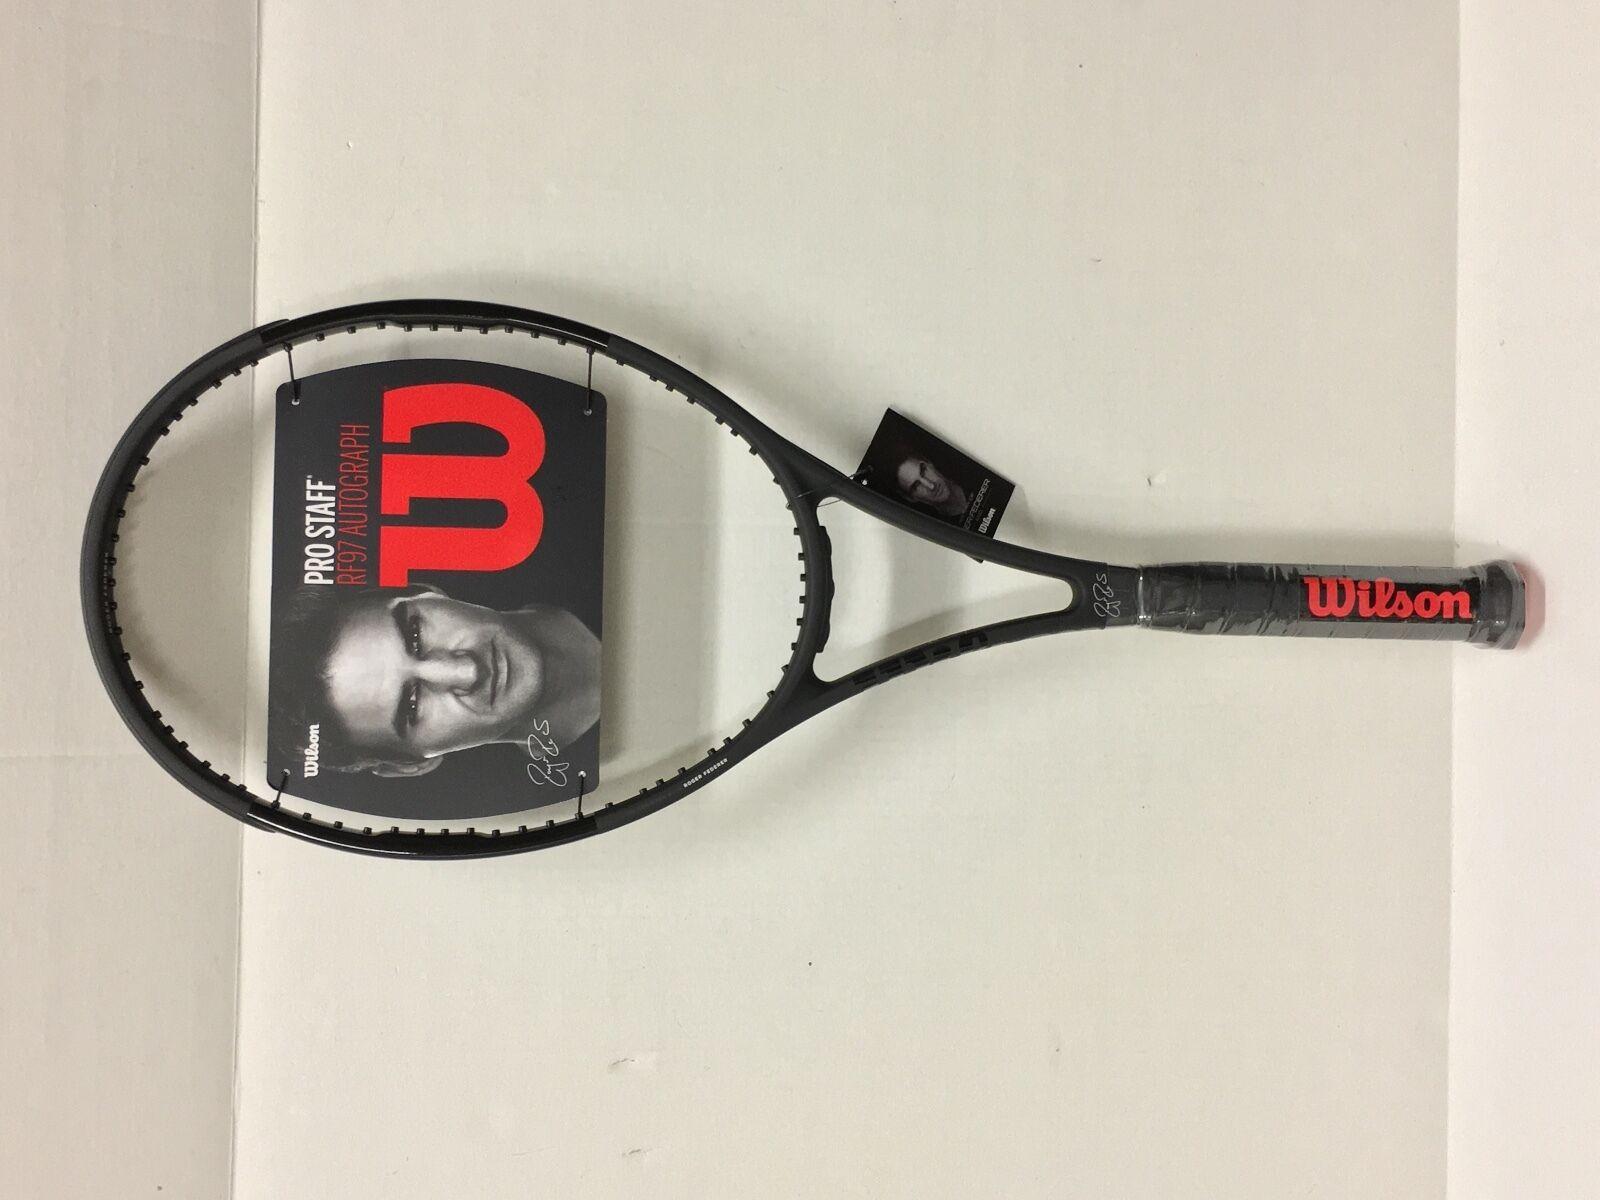 1239d7fa9 Ebay 2017 Wilson Pro Staff RF97 Autograph Tennis Racquet - Unstrung - Grip  4 5